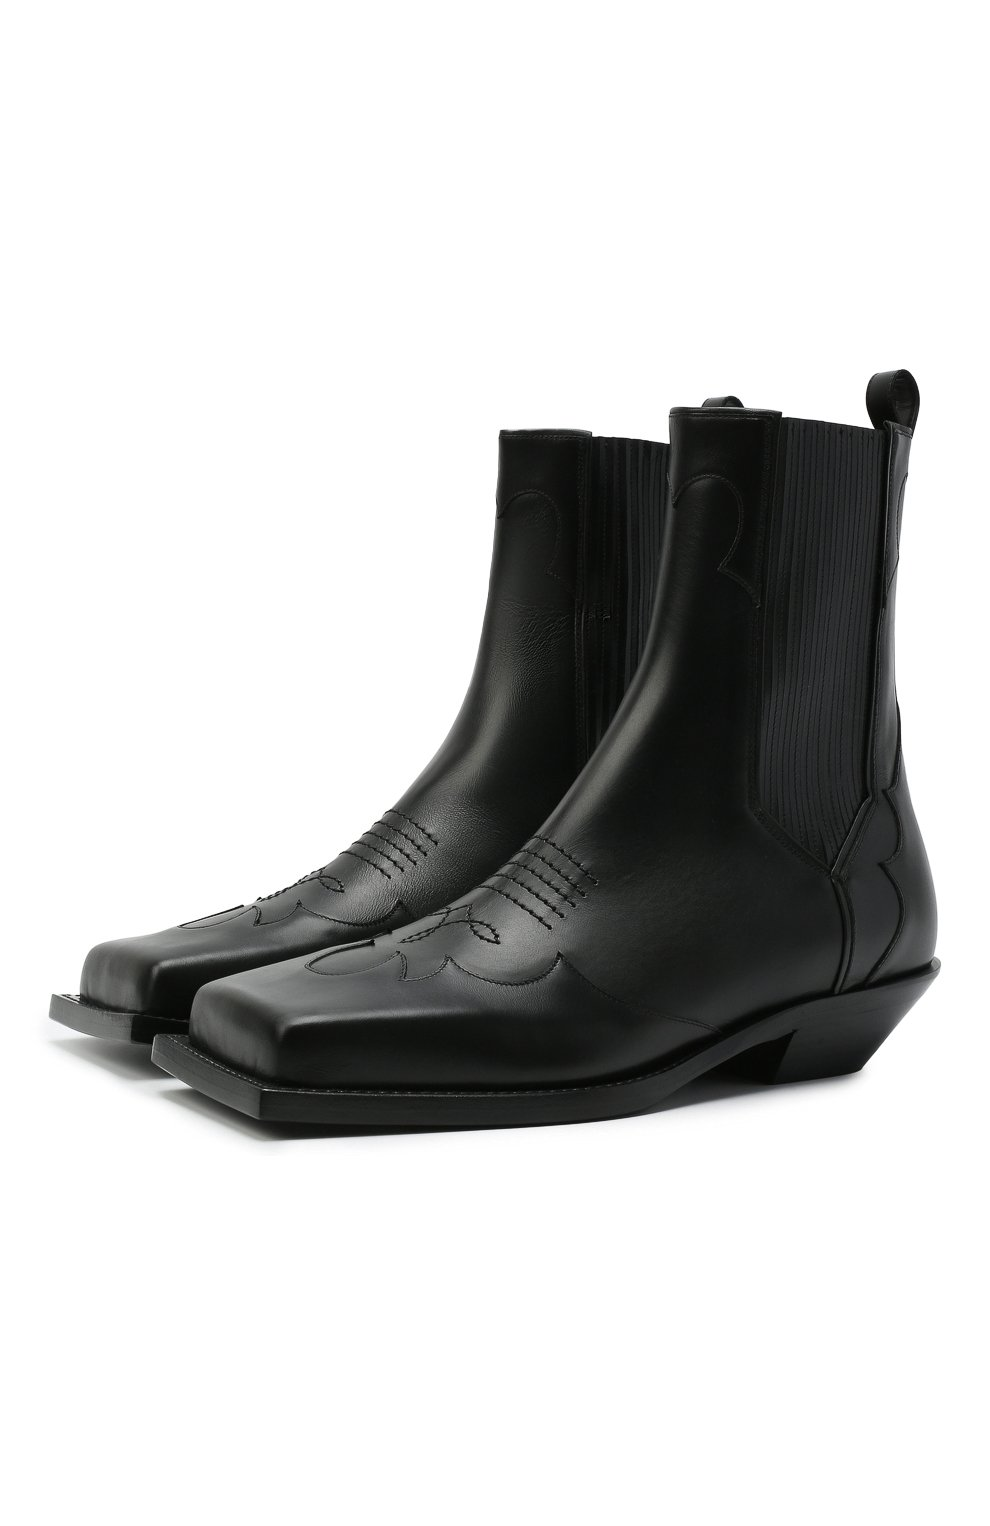 Мужские кожаные казаки BALMAIN черного цвета, арт. WM1TA269/LGDT | Фото 1 (Материал внутренний: Натуральная кожа; Мужское Кросс-КТ: Казаки-обувь, Сапоги-обувь; Подошва: Плоская)